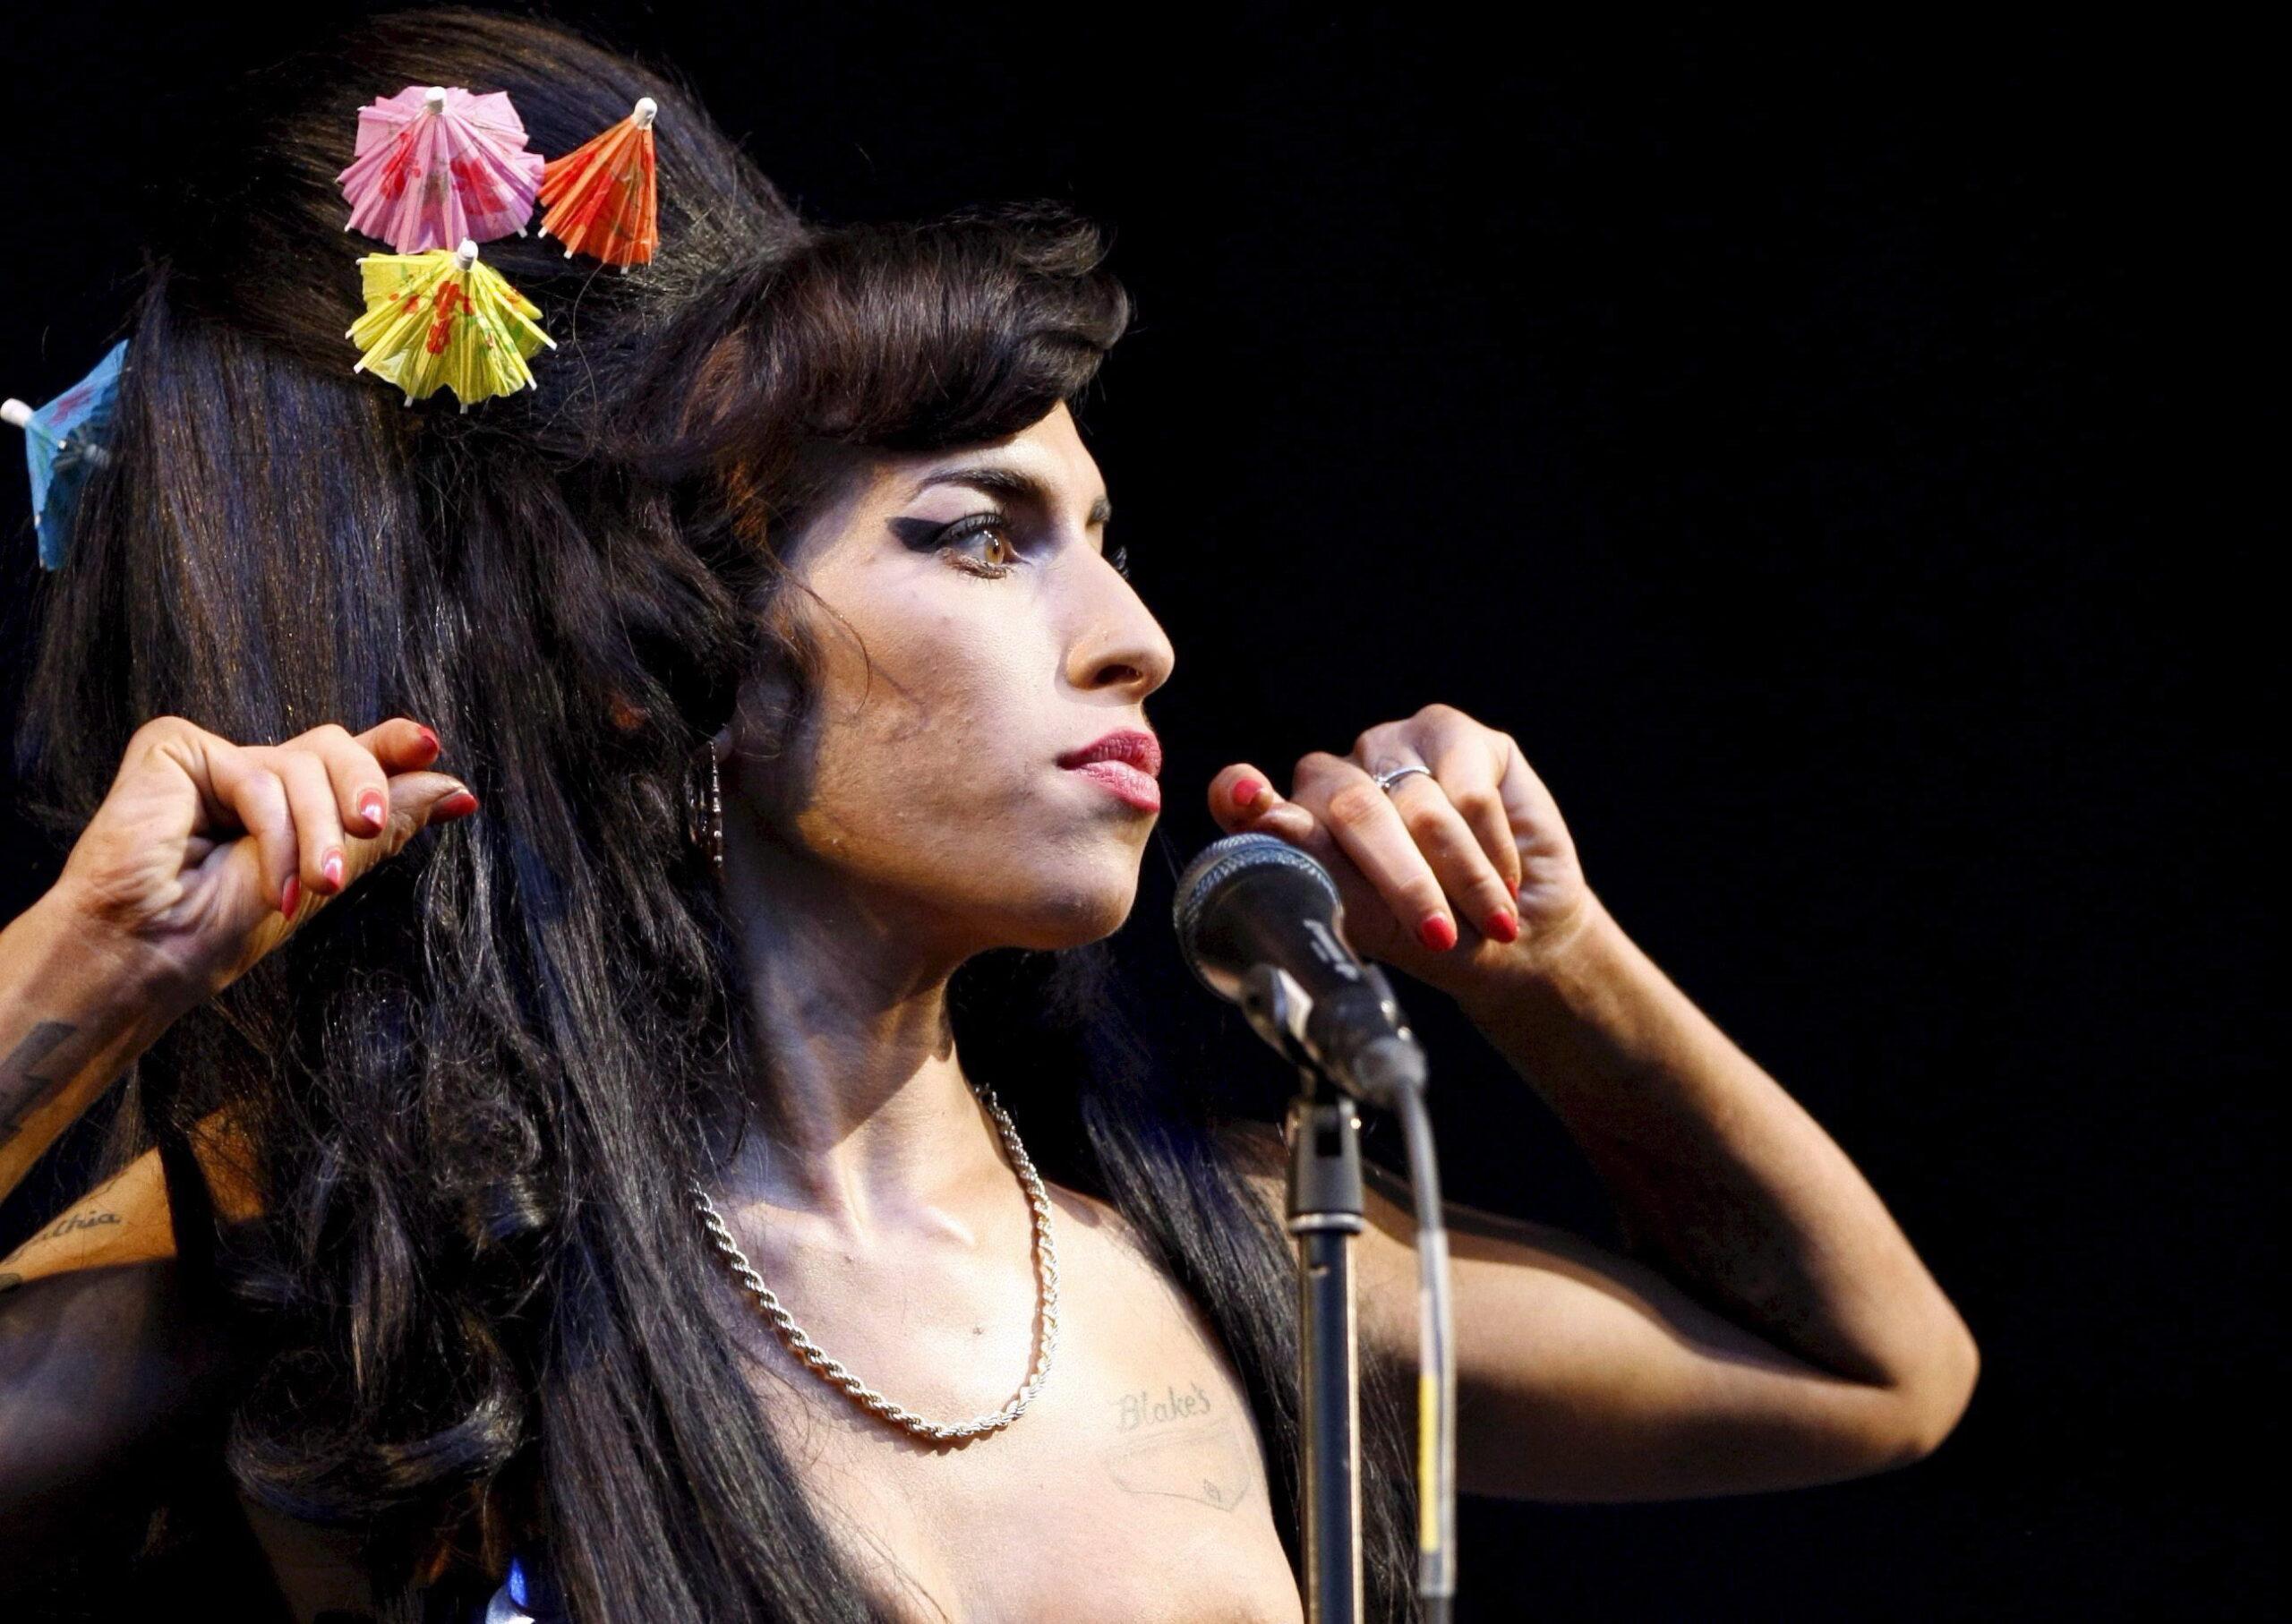 Vagyonokat költött drogokra Amy Winehouse